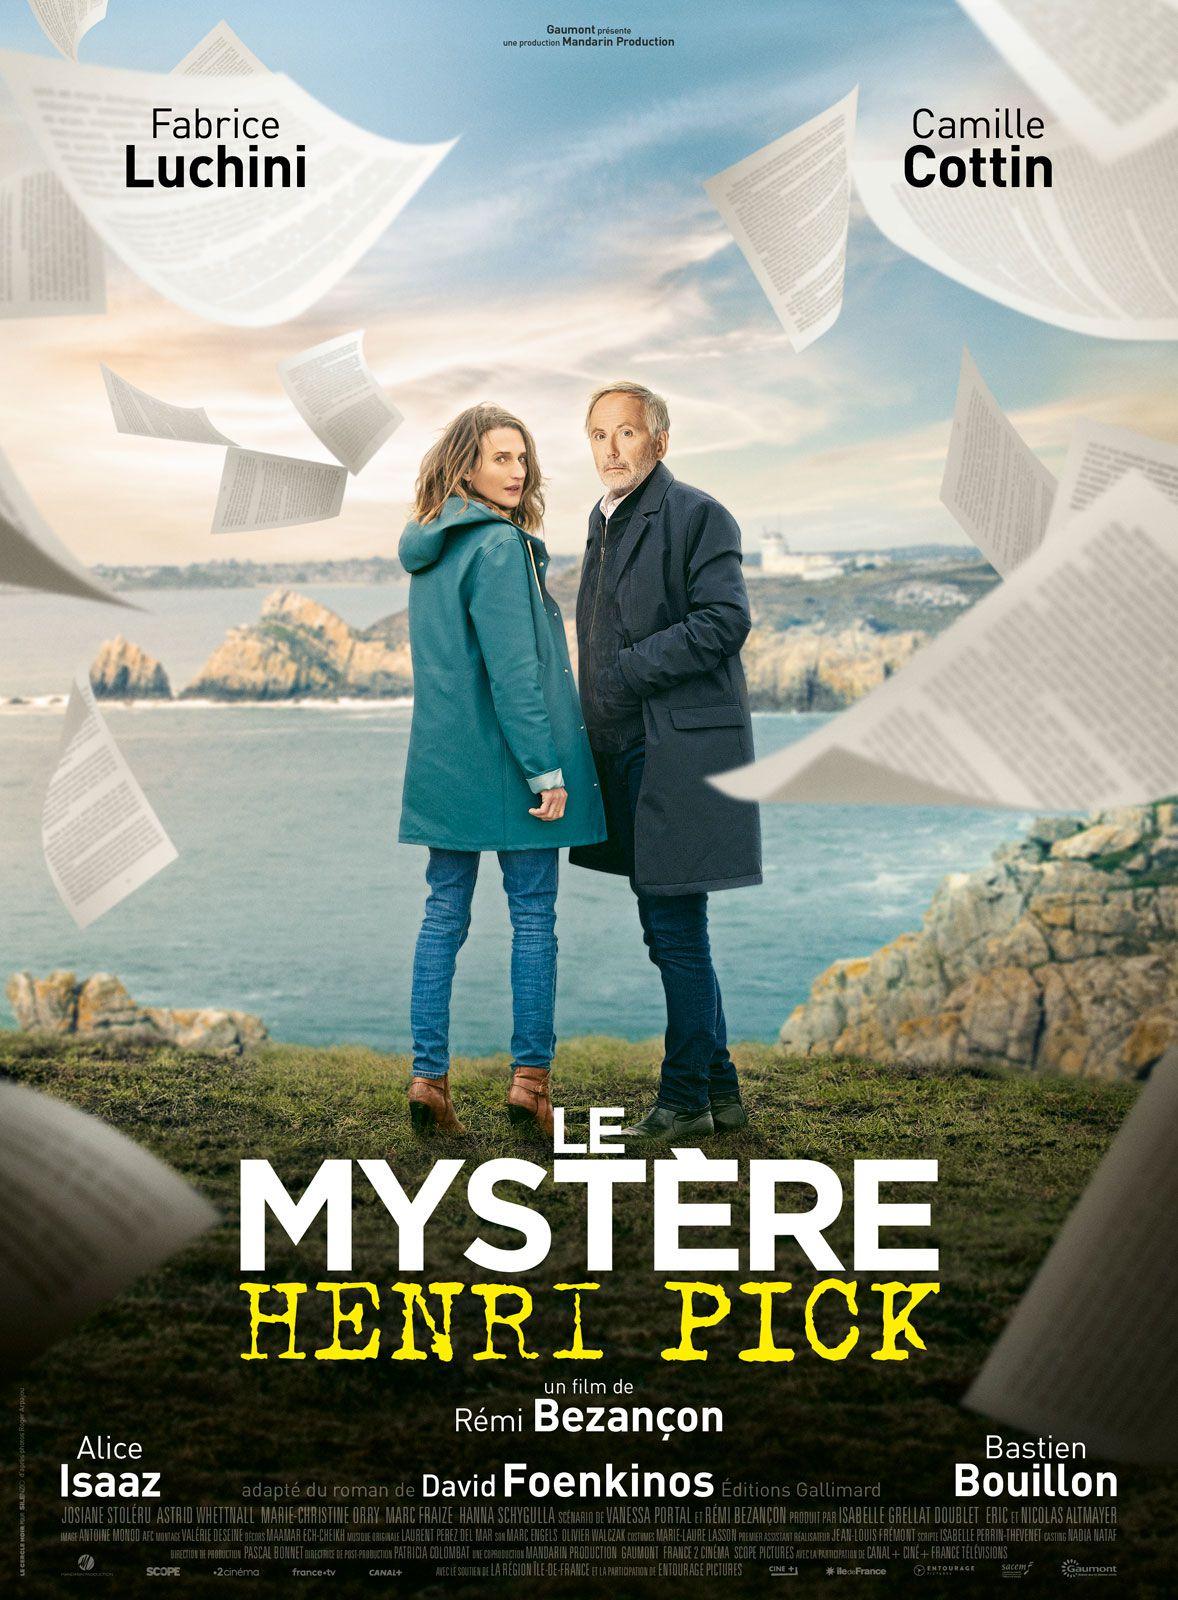 Le Mystère Henri Pick - Film (2019)